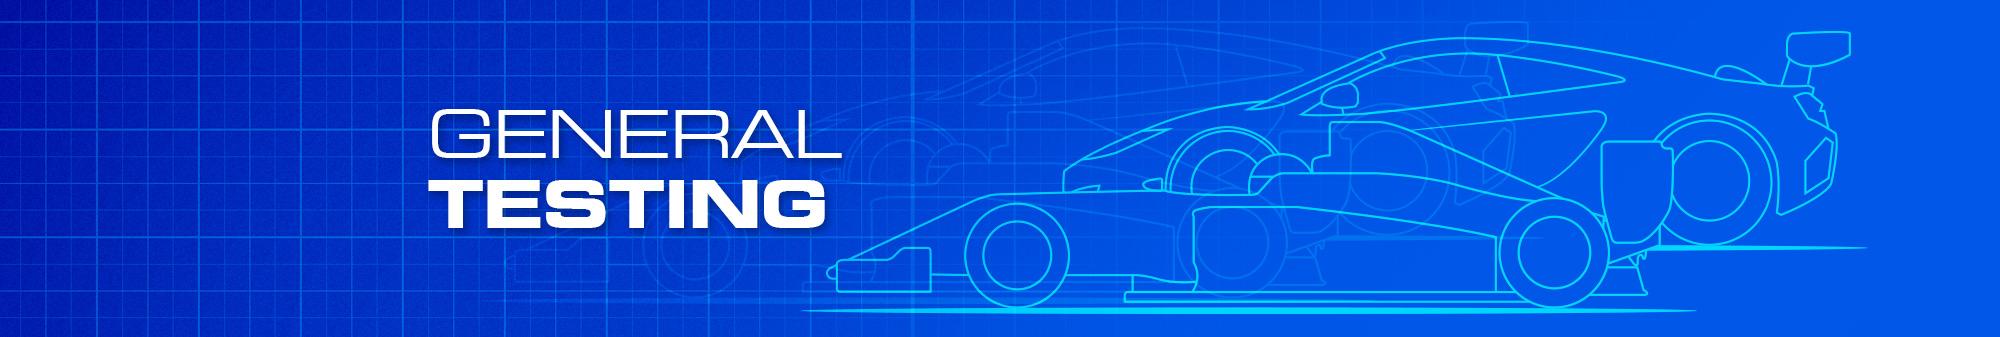 GP Circuit General Testing £395 - £750